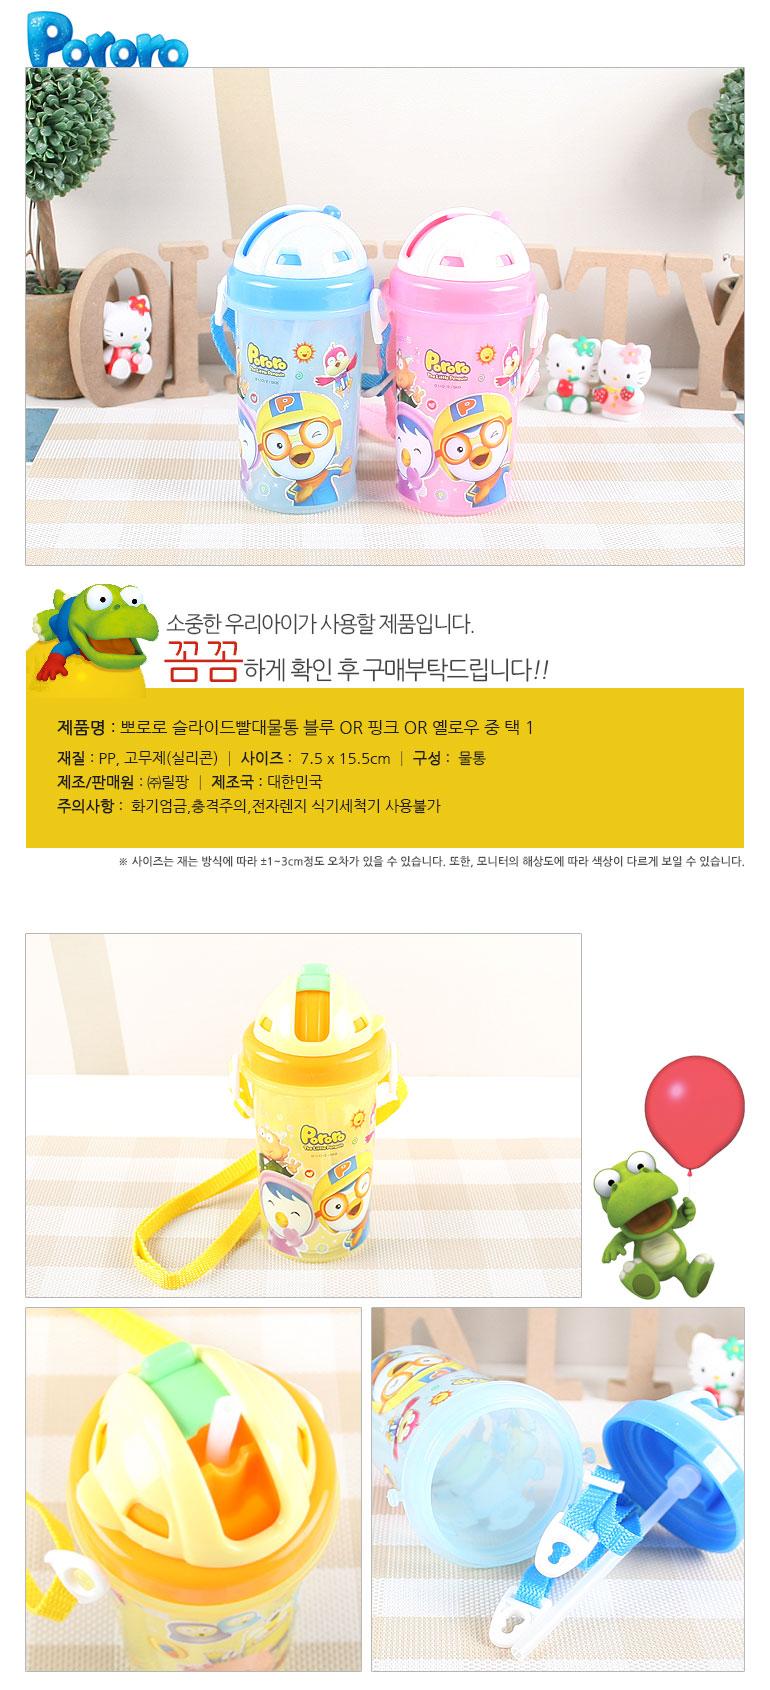 뽀로로 슬라이드빨대물통 4888 - 키키월드, 5,600원, 유아식기/용품, 컵/빨대컵/물병